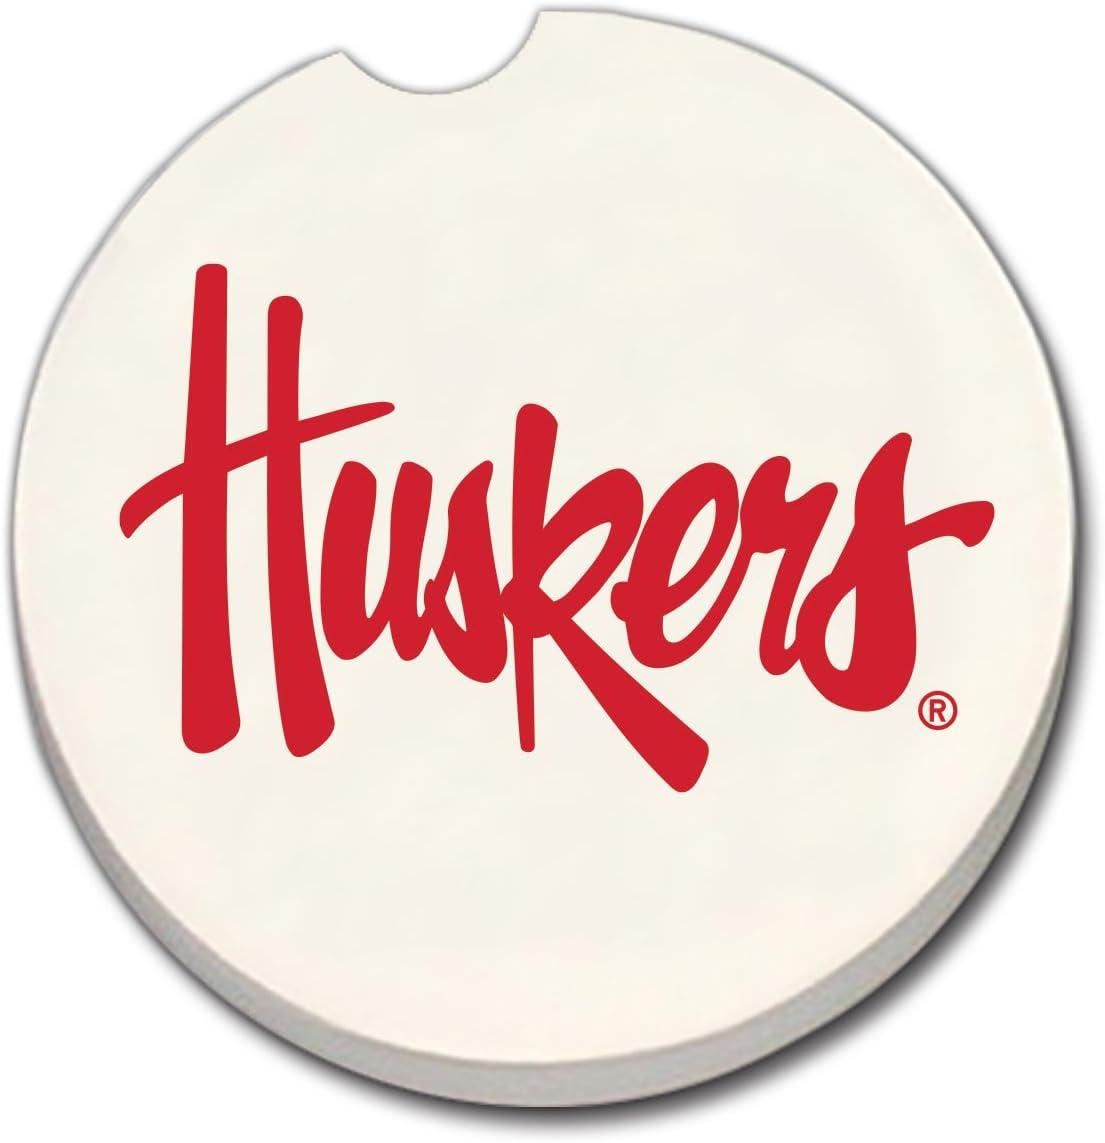 NCAA Nebraska Huskers absorbente coche posavasos: Amazon.es: Hogar